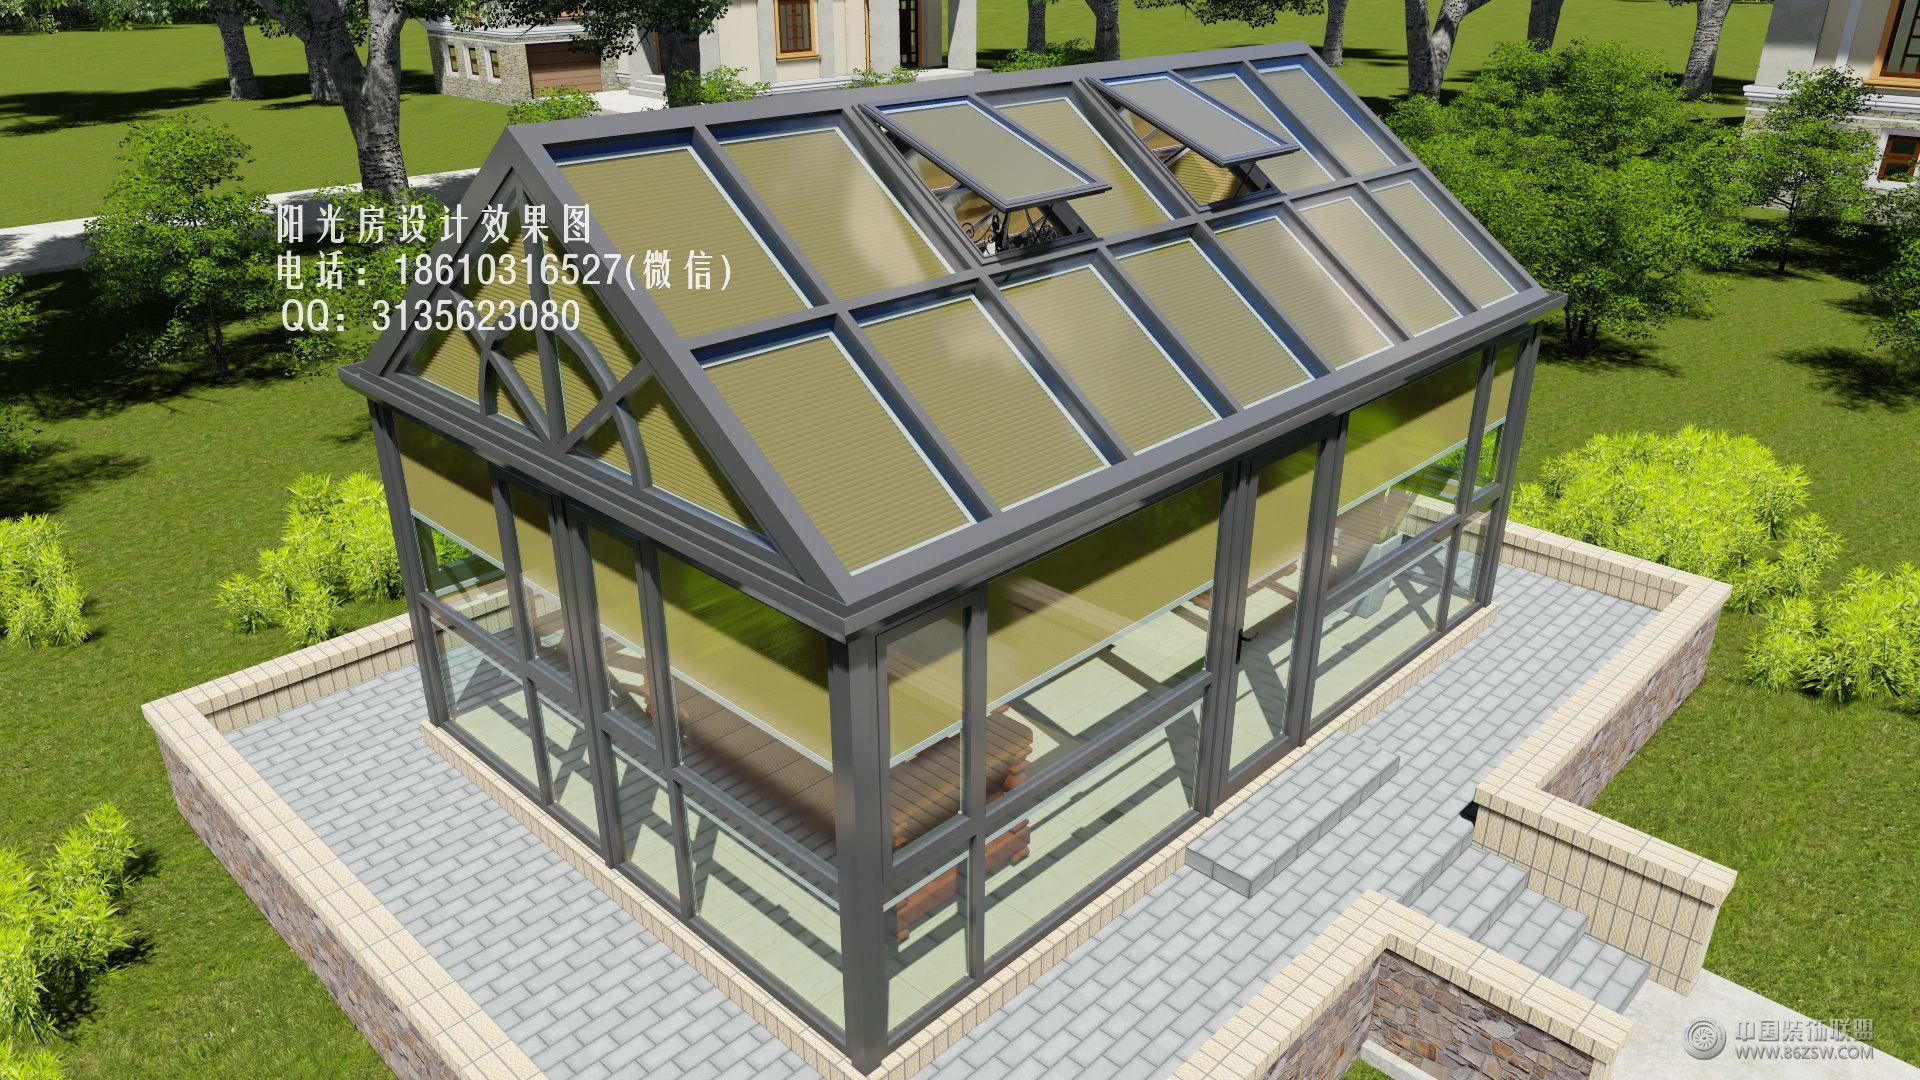 阳光房蜂巢帘设计效果图-客厅装修图片